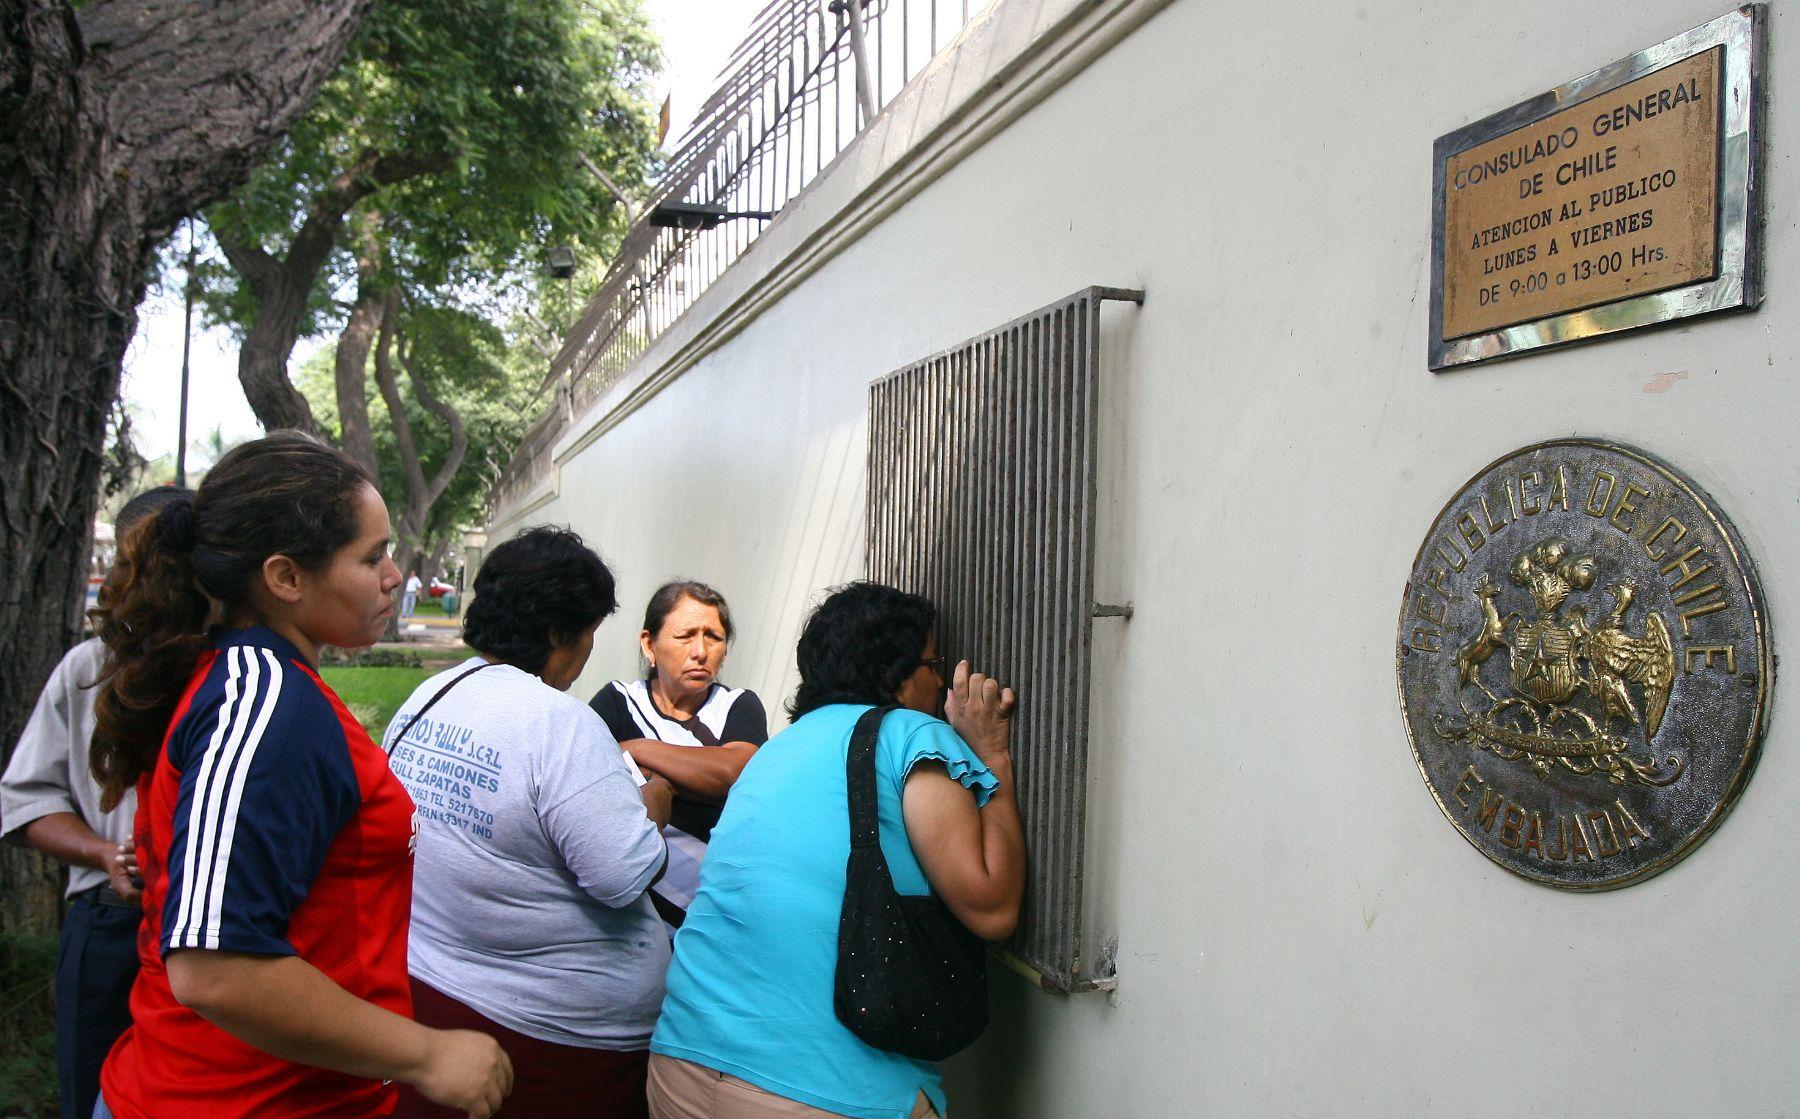 Venezolanos encabezan lista de solicitudes para vivir en Chile